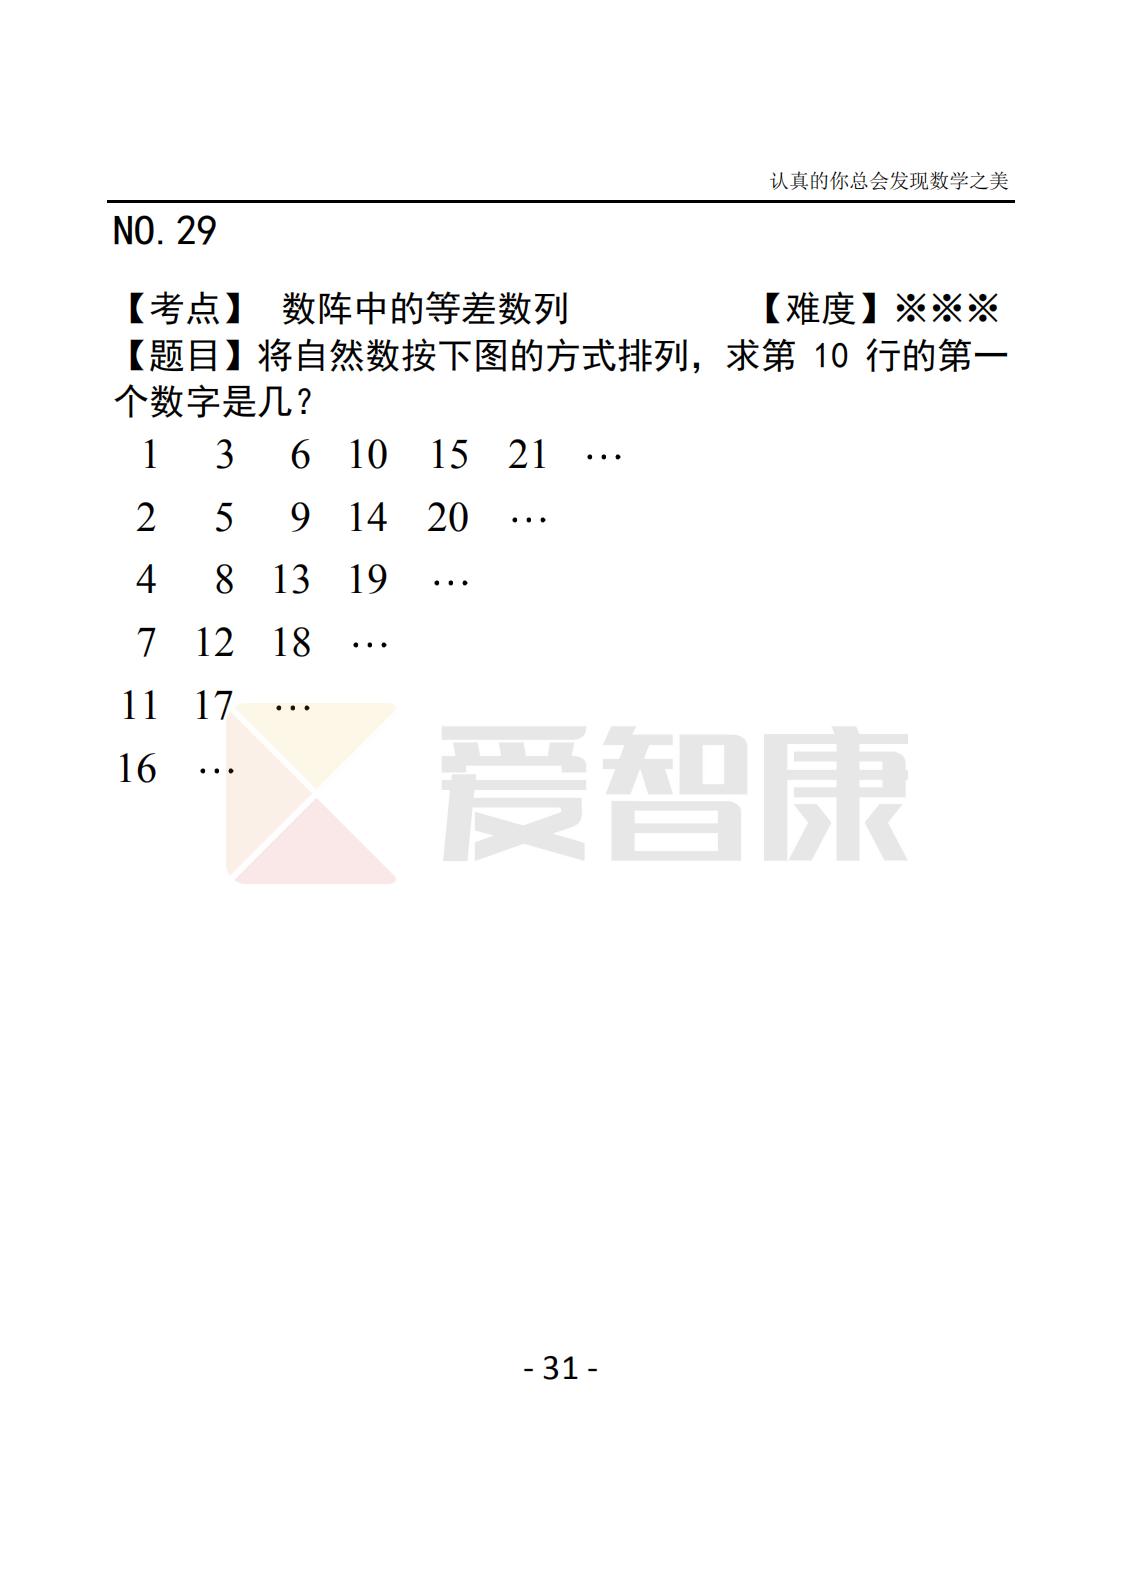 2019小学数学思维365天_30.png